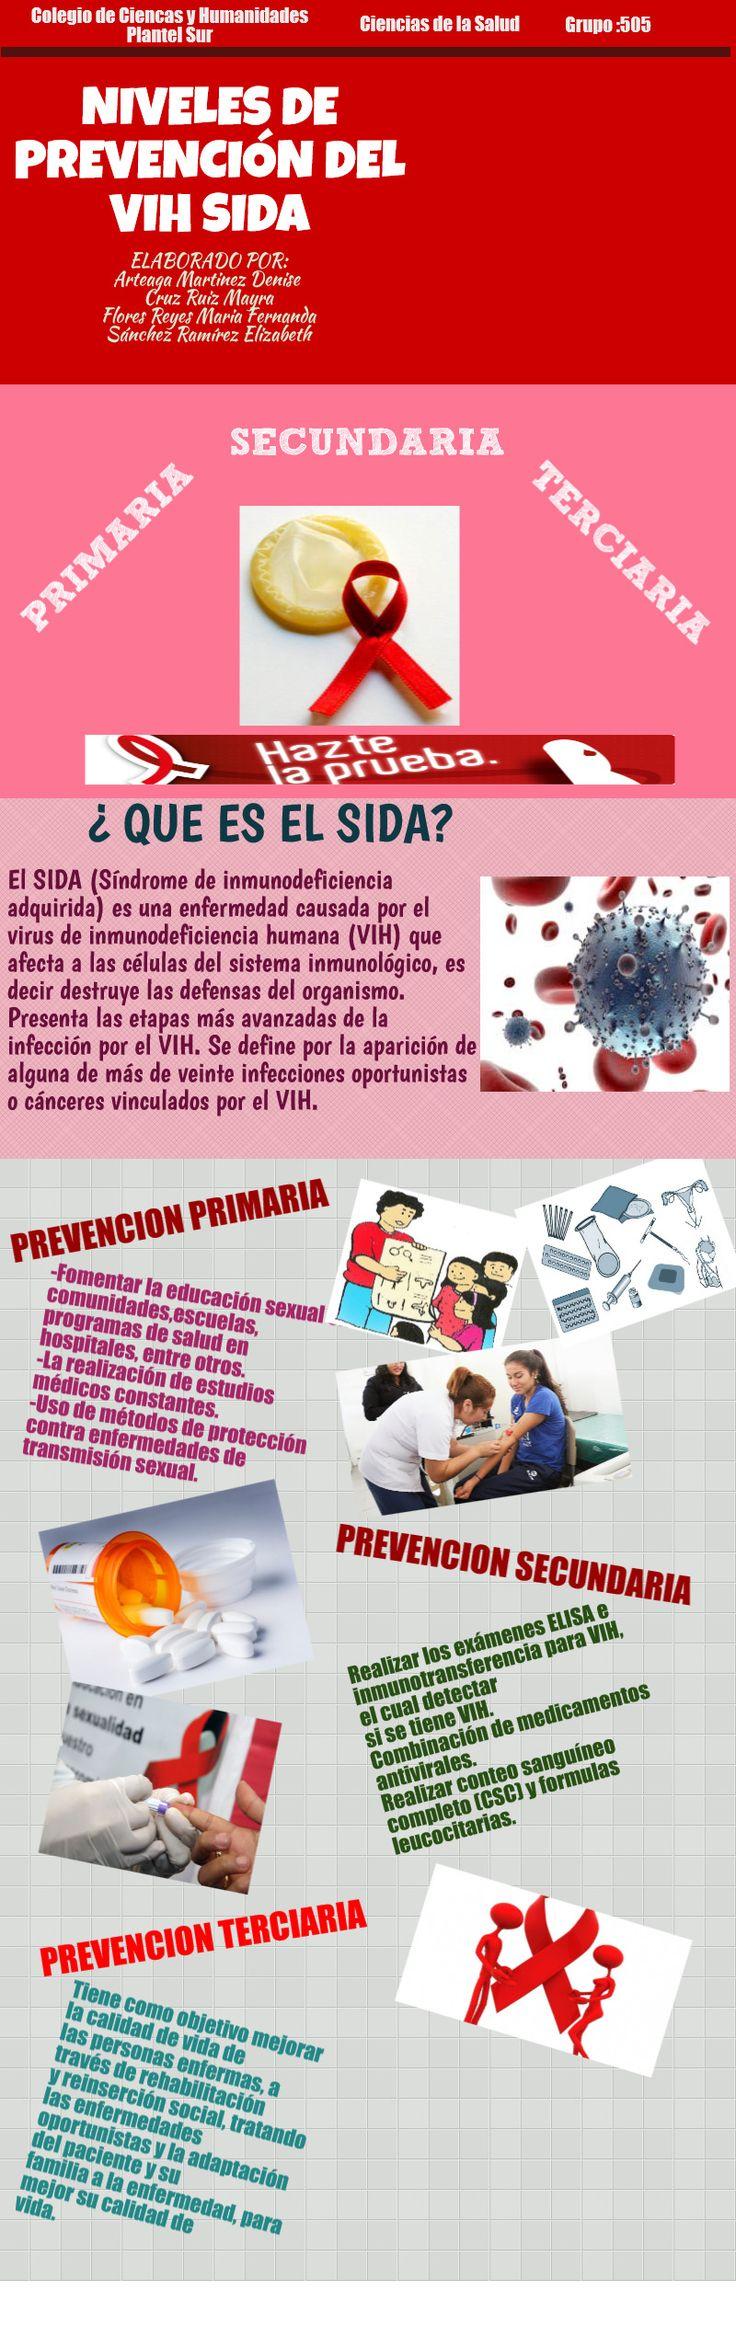 niveles de prevencion del VIH